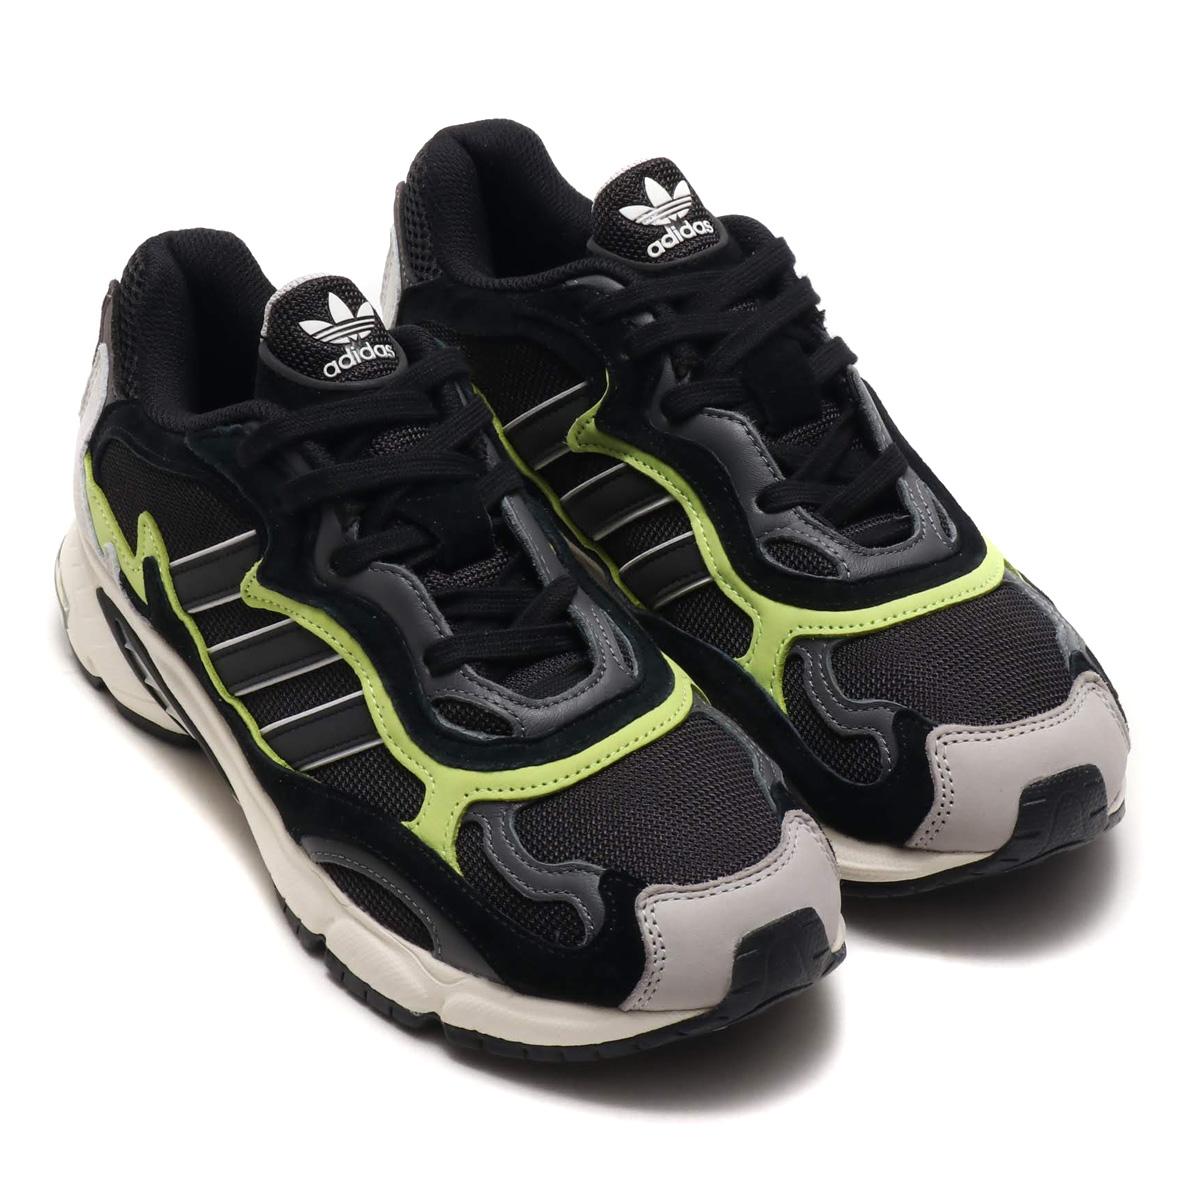 ab03d91a720 adidas Originals TEMPER RUN (Adidas original Sten gone orchid) CORE BLACK CORE  BLACK GLOW 18FW-I